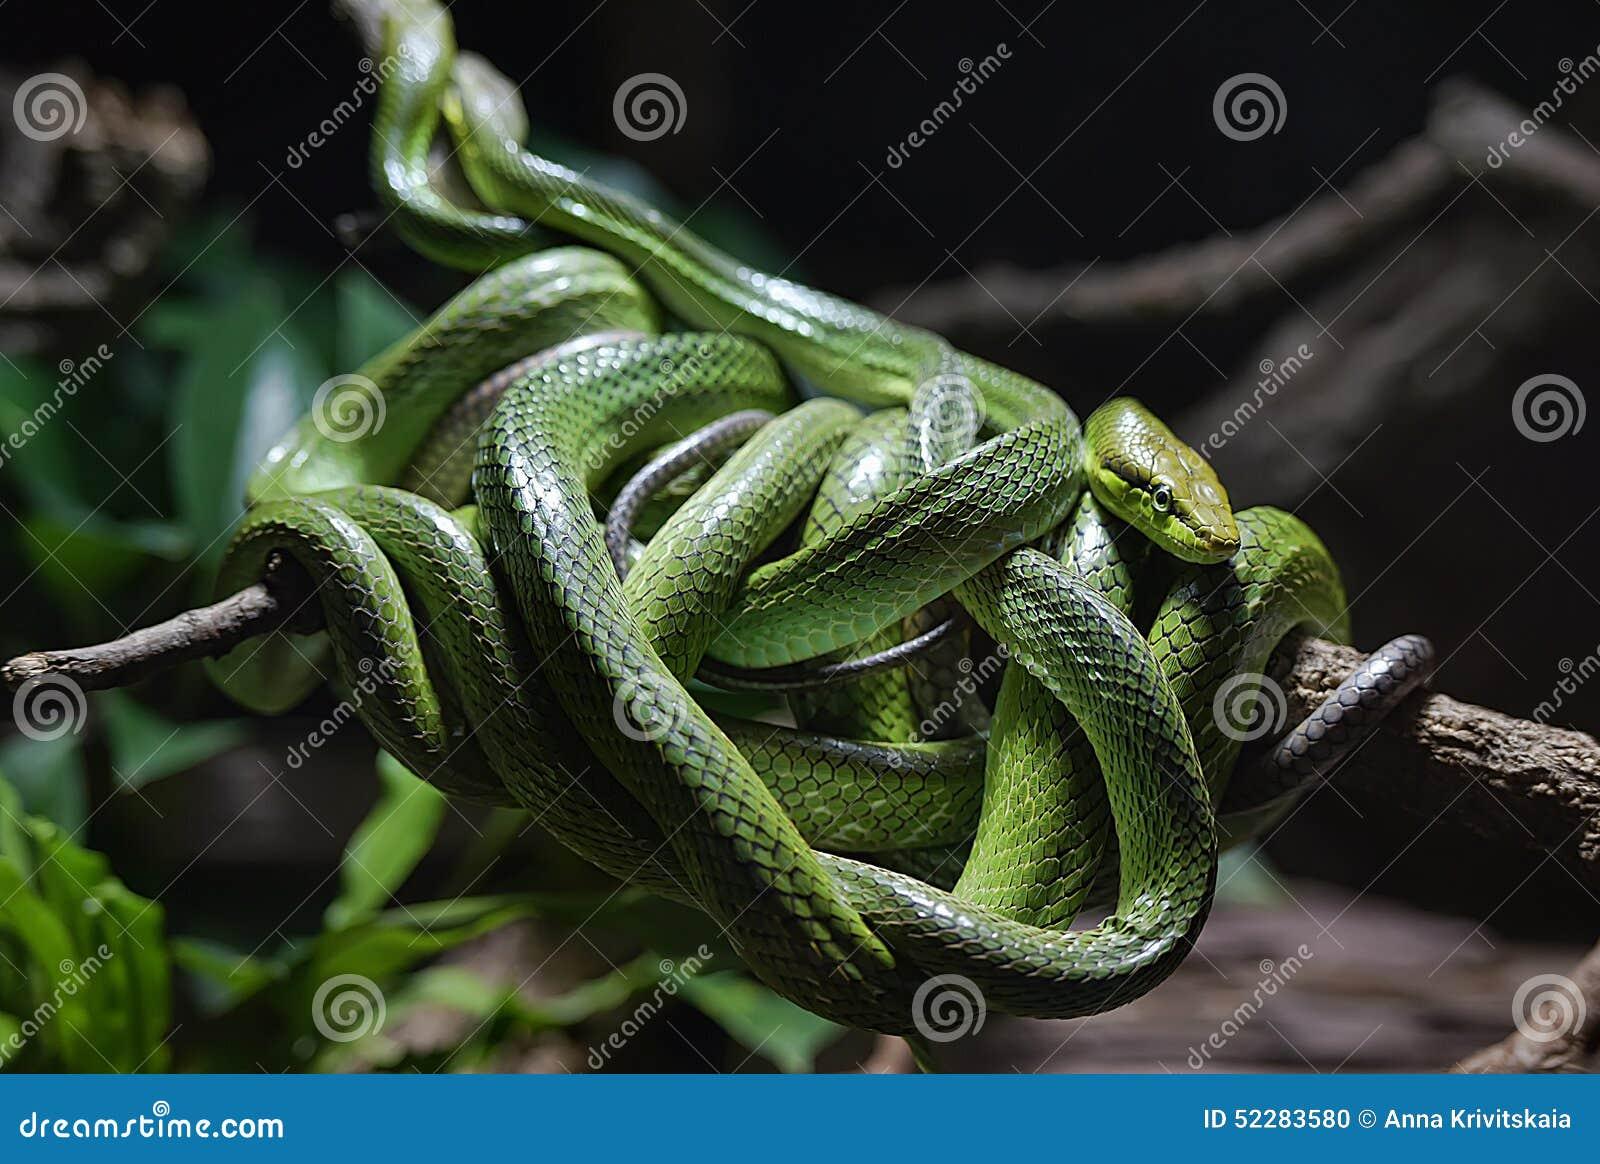 Groviglio dei serpenti verdi